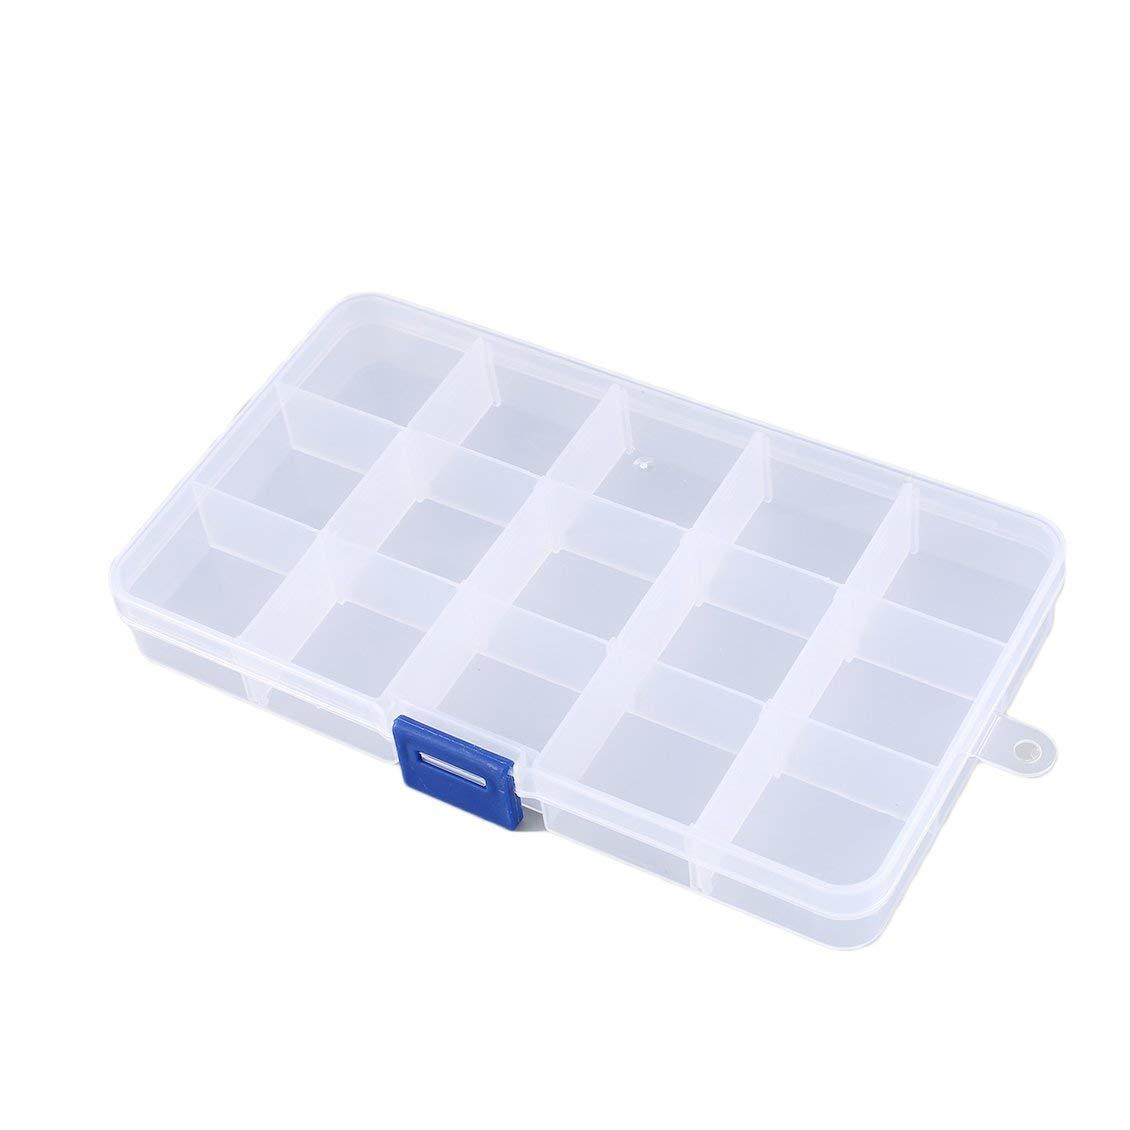 Transparent 15 Slots Cells Portable Bo/îte /à Outils Pi/èces /Électroniques Vis Perles Anneau Bijoux Composant Bo/îte En Plastique Bo/îte De Rangement Conteneur Holde